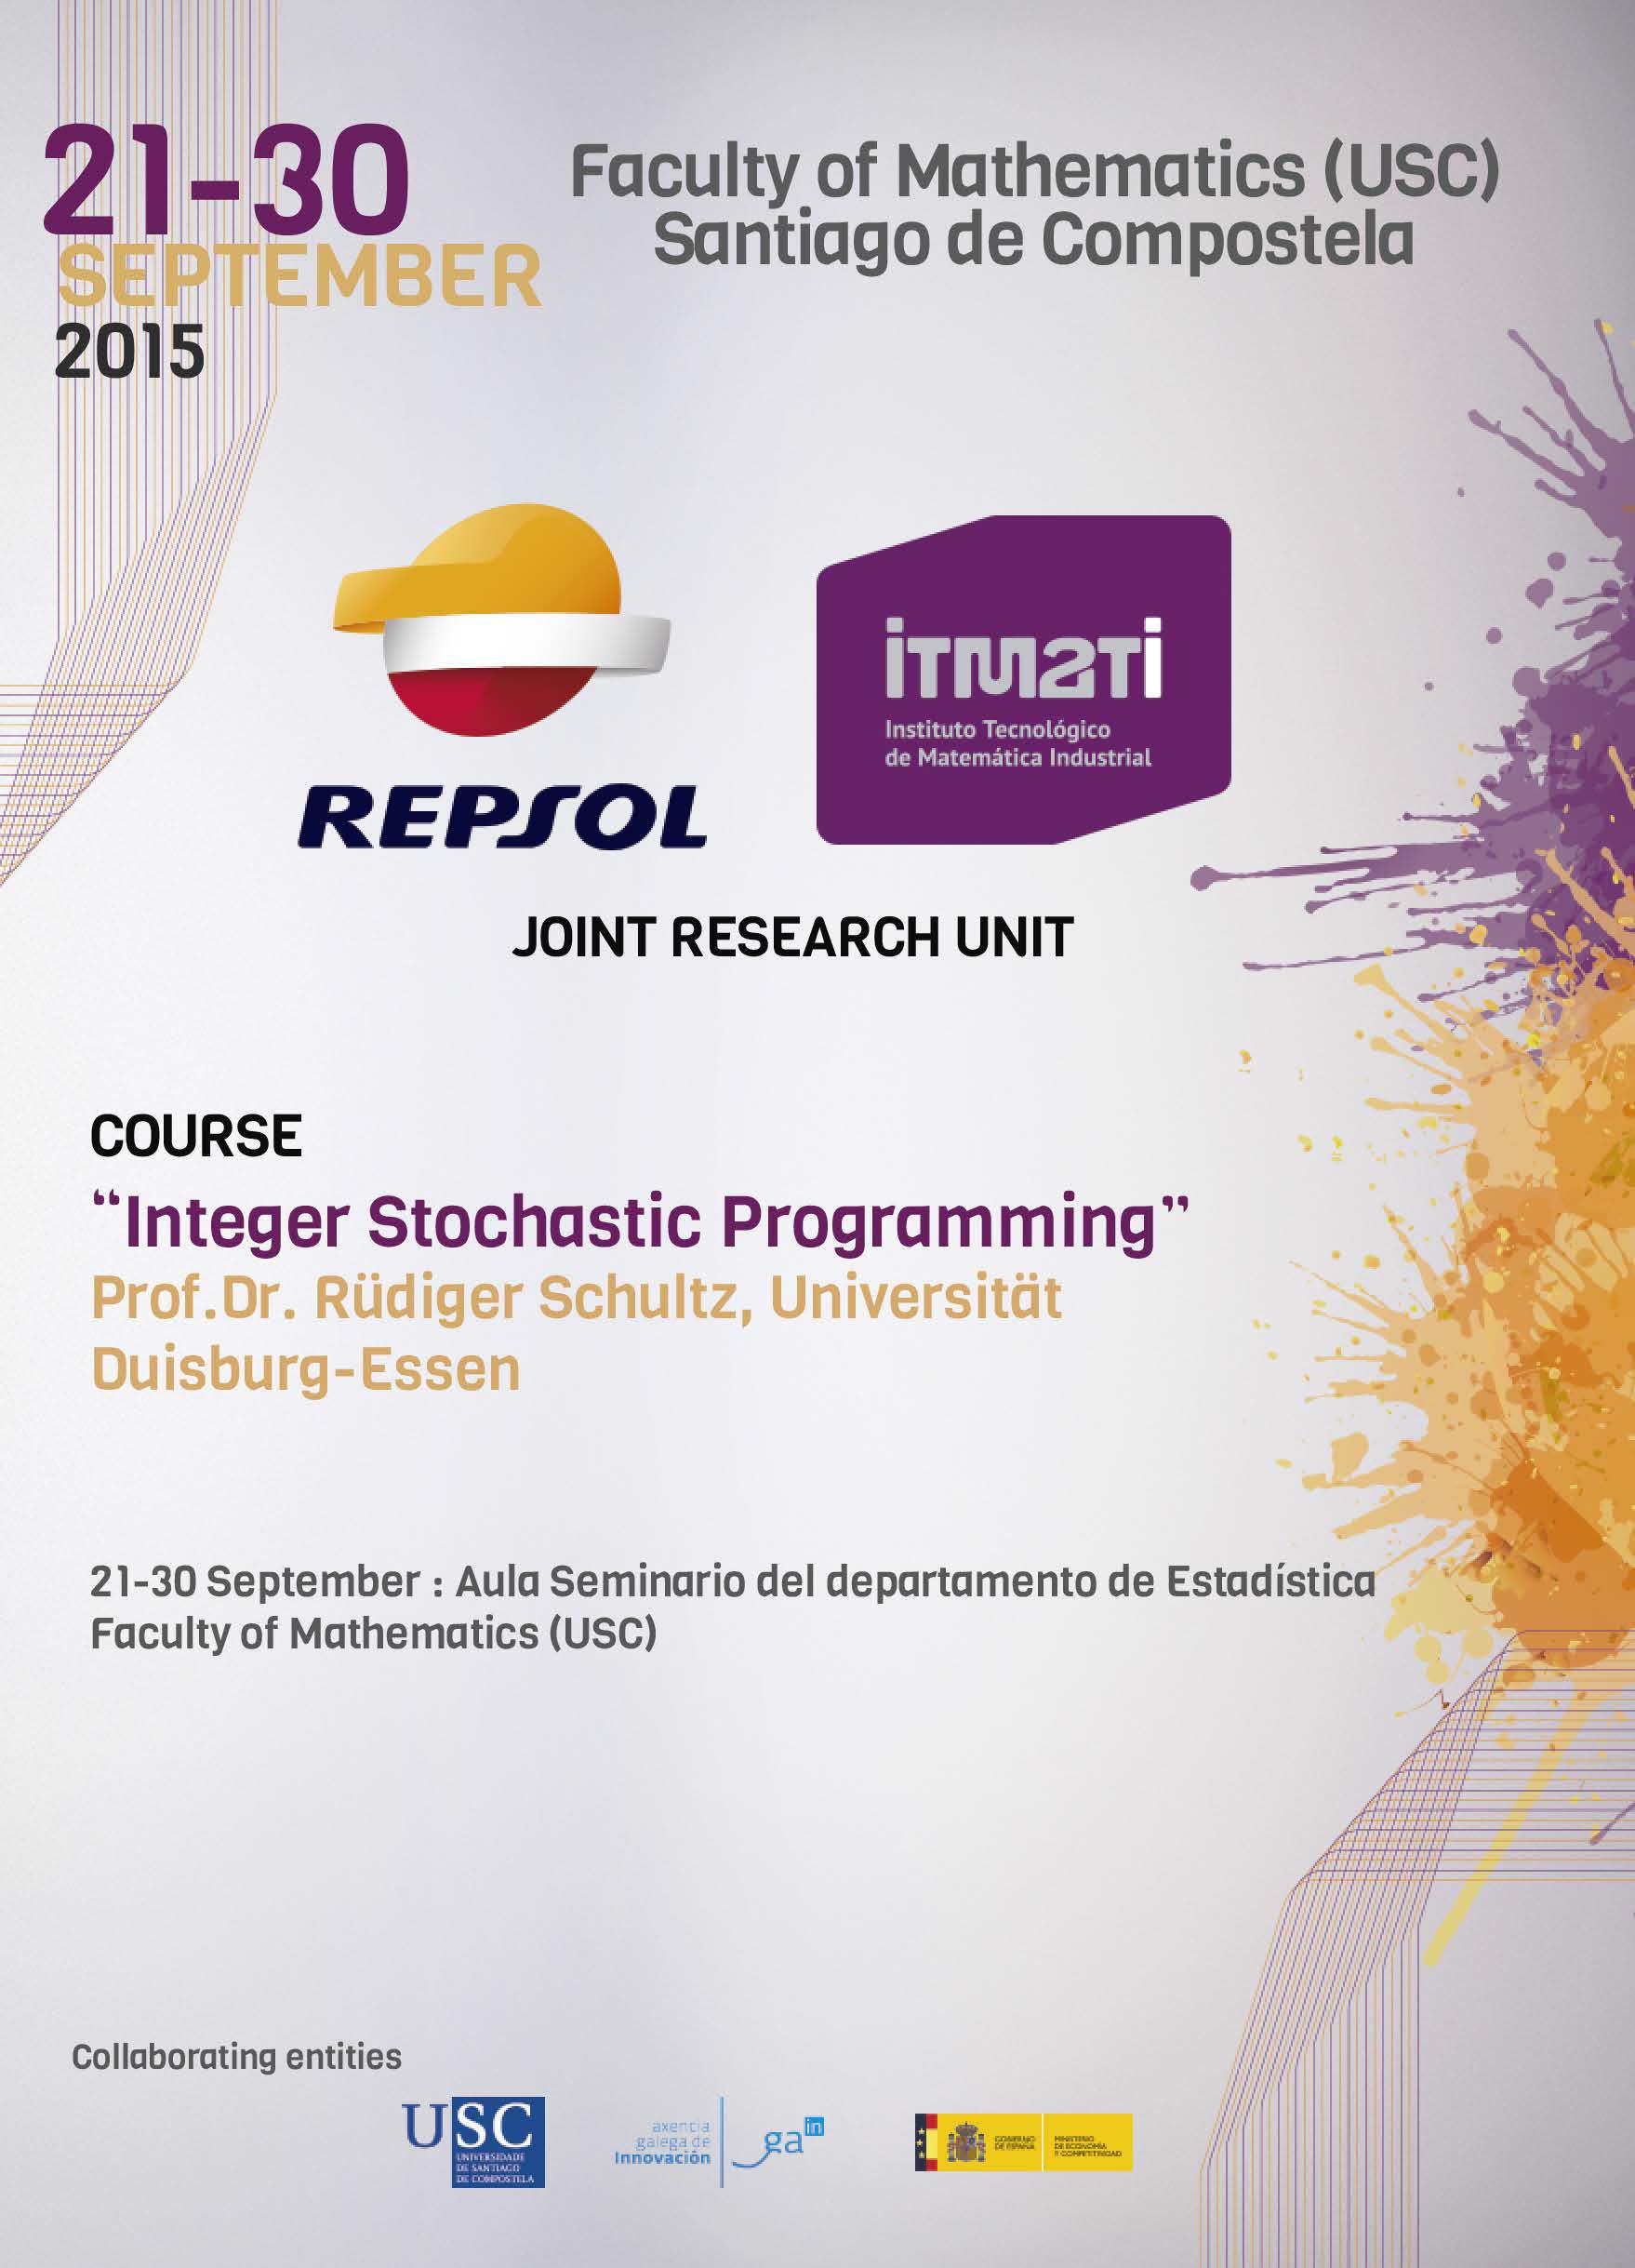 UMI, JRU, unidad mixta de investigación, ITMATI, integer stochastic programming